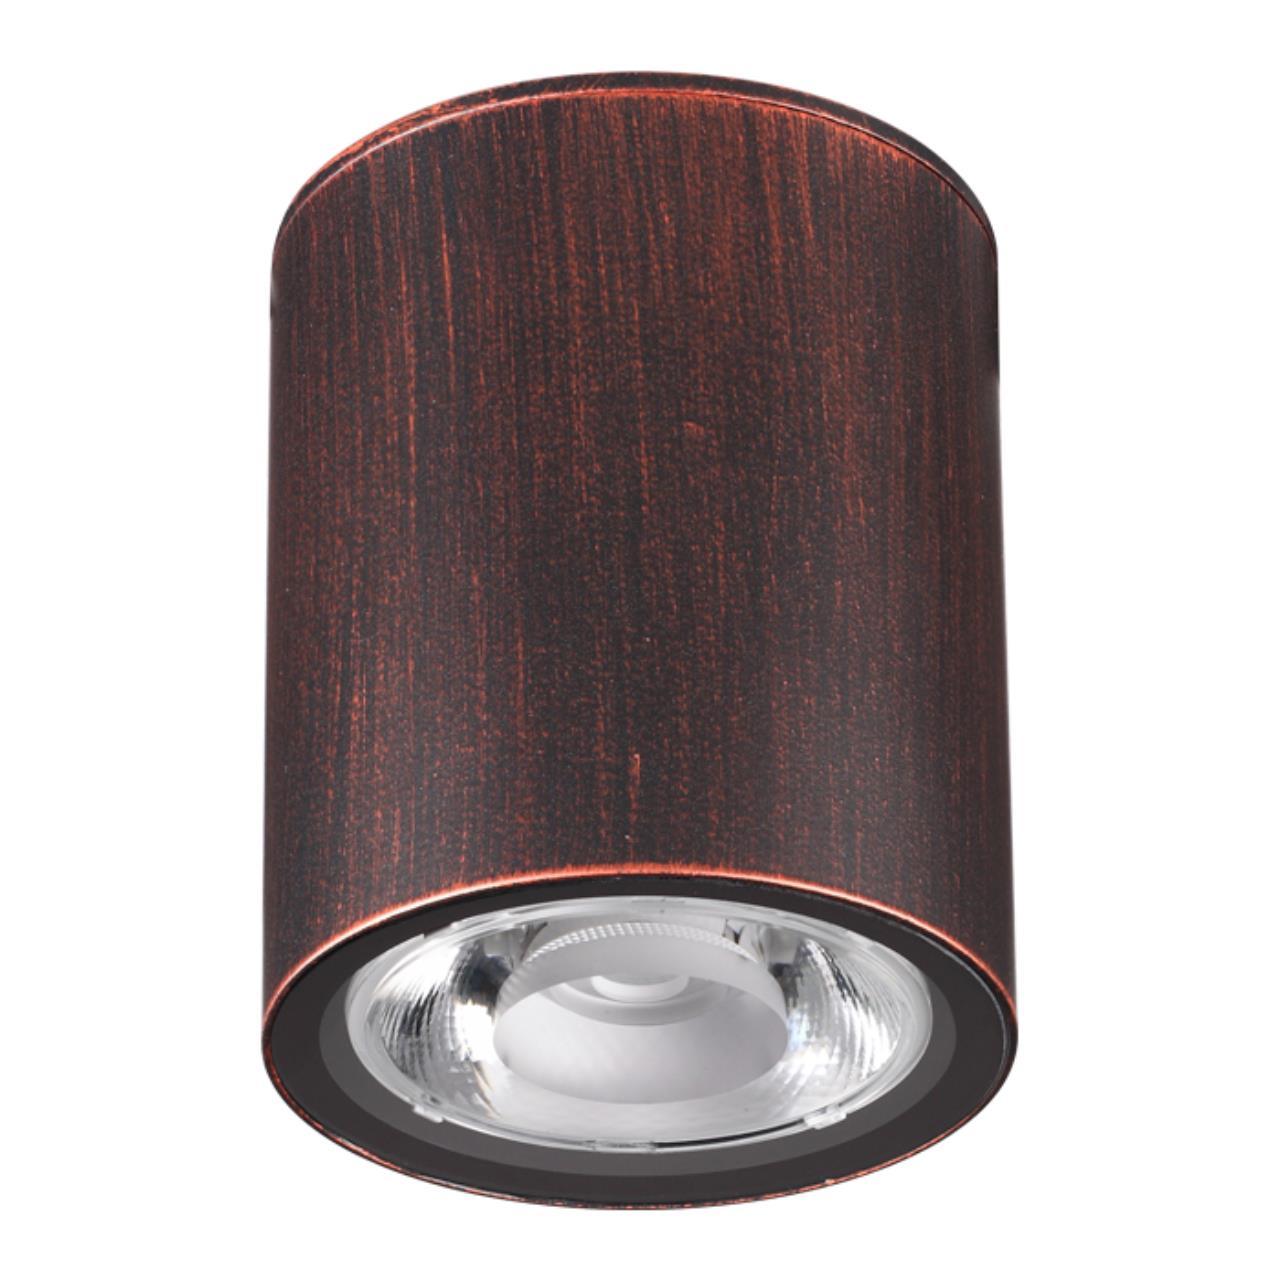 Уличный светильник потолочный TUMBLER 358013